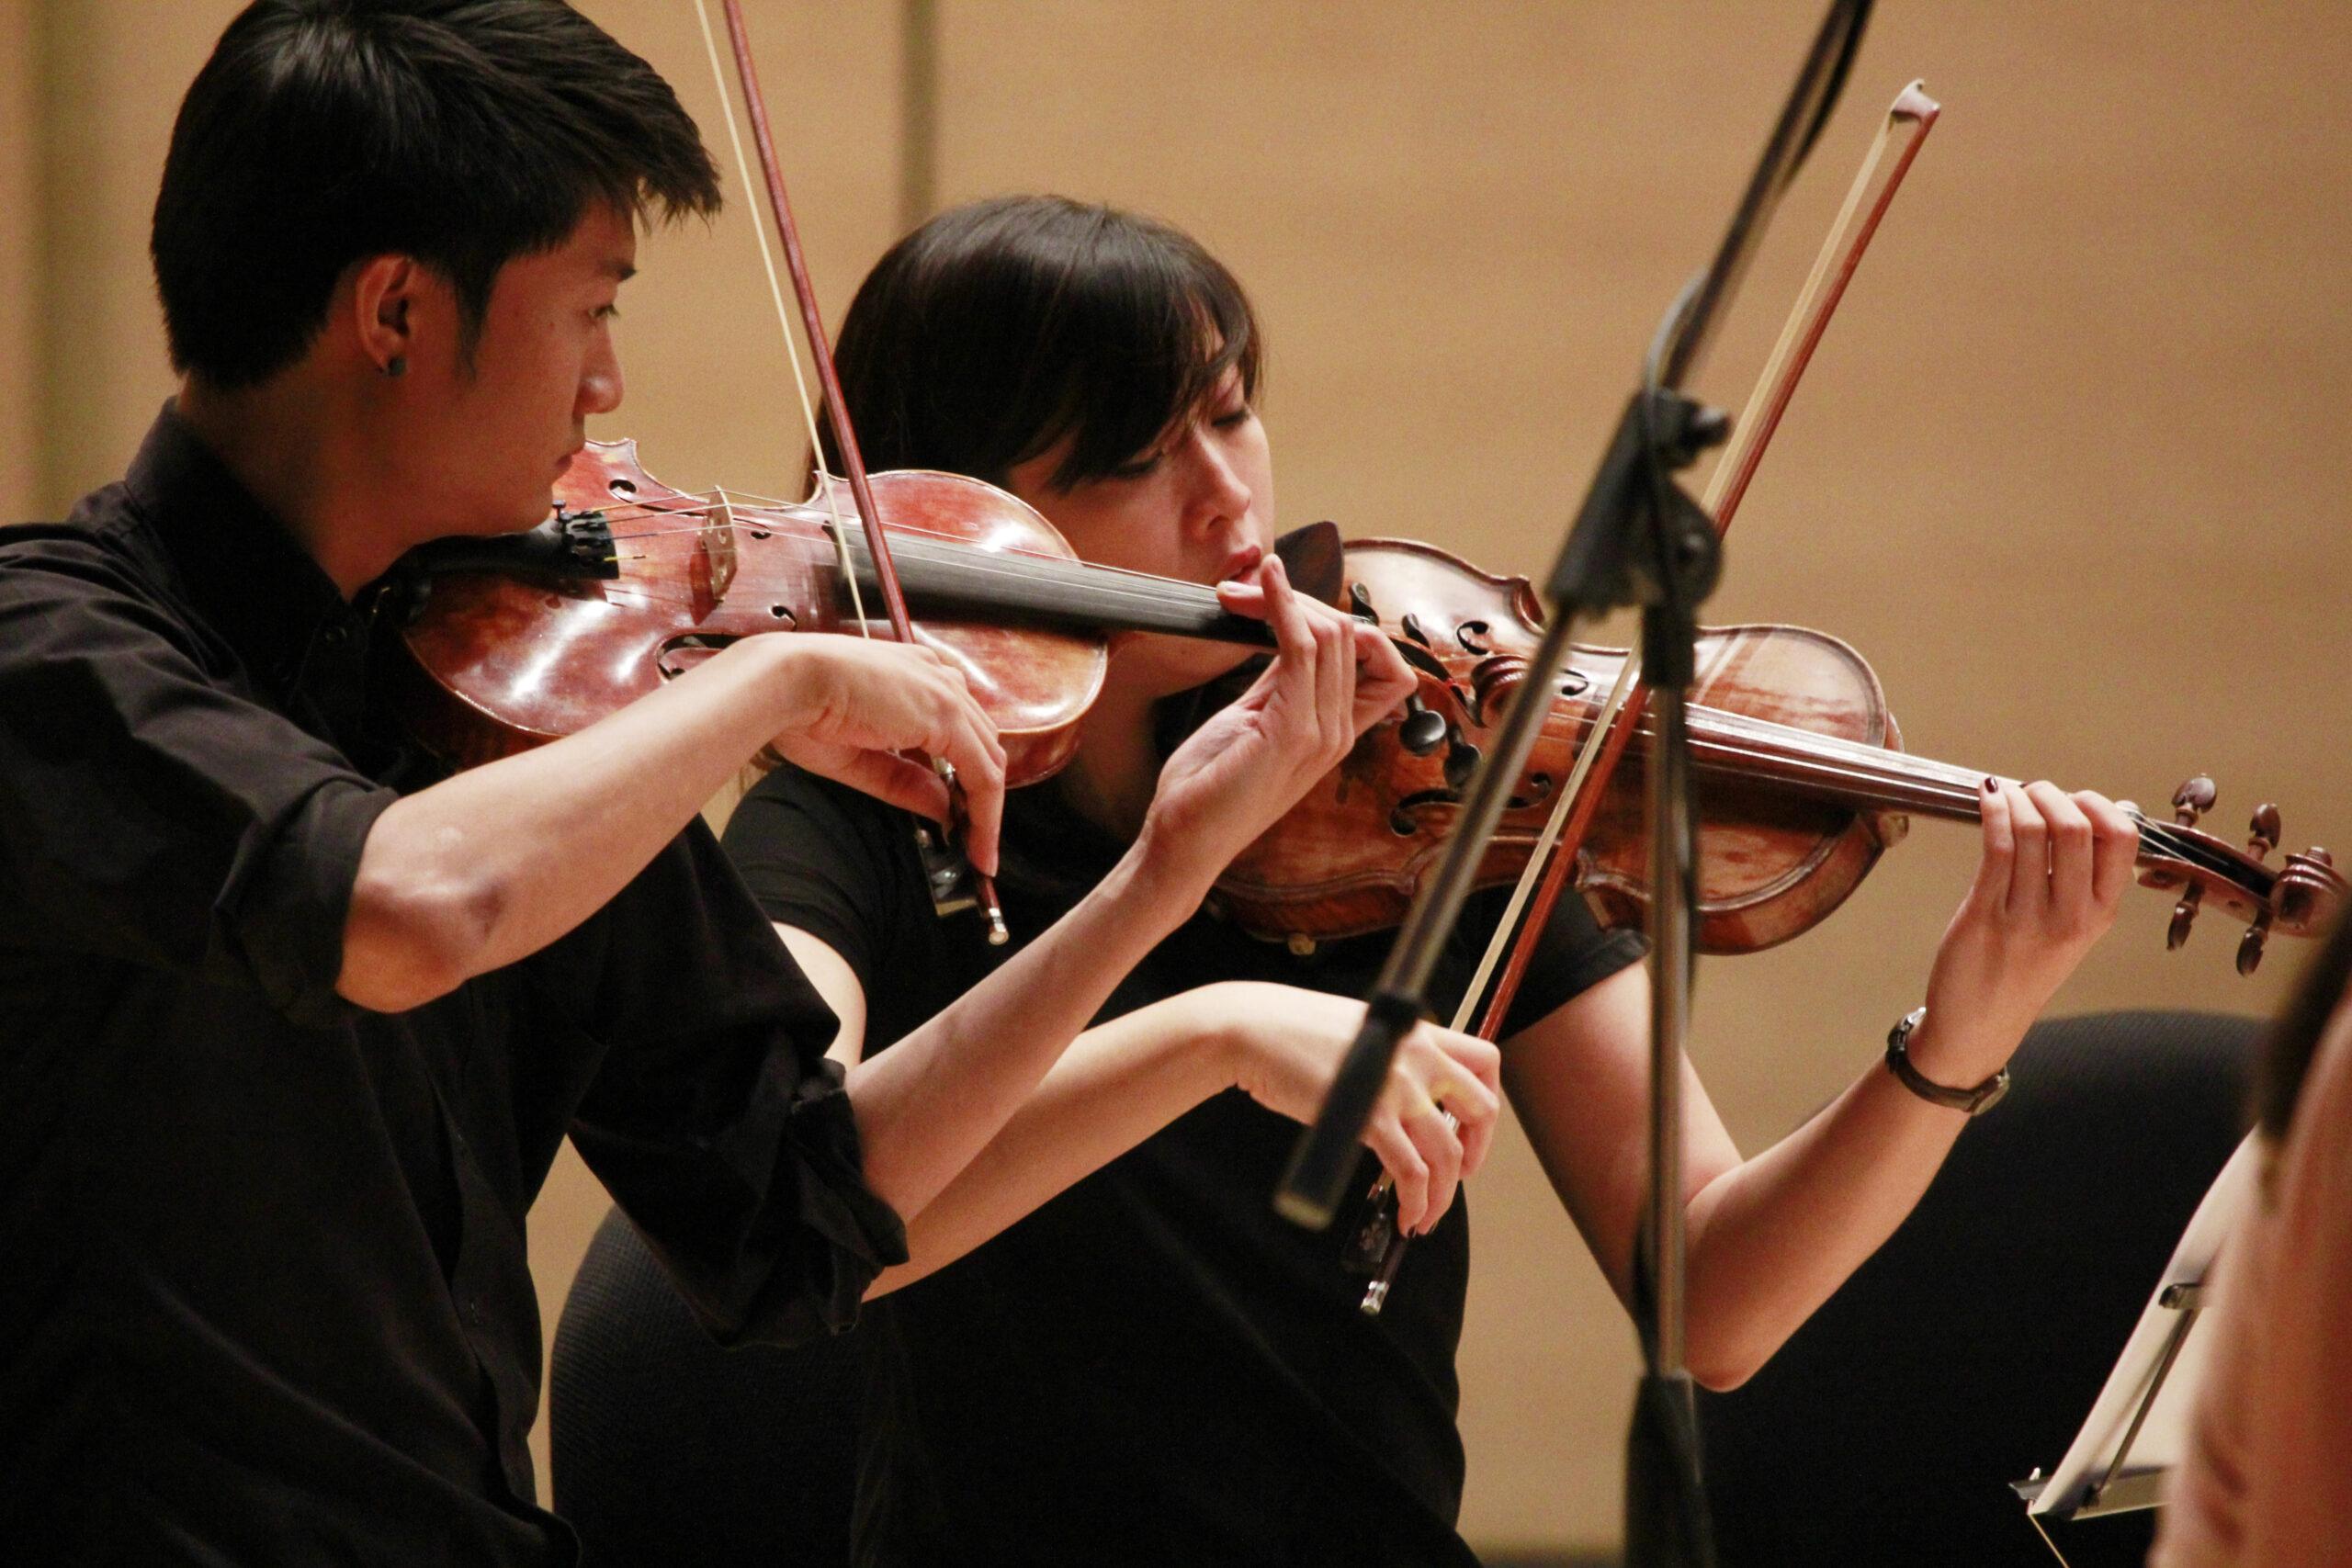 วิทยาลัยดนตรี ม.รังสิต เปิดรับนศ.ใหม่ปริญญาตรี ปี 64 พร้อมทุนการศึกษา 10 ทุน